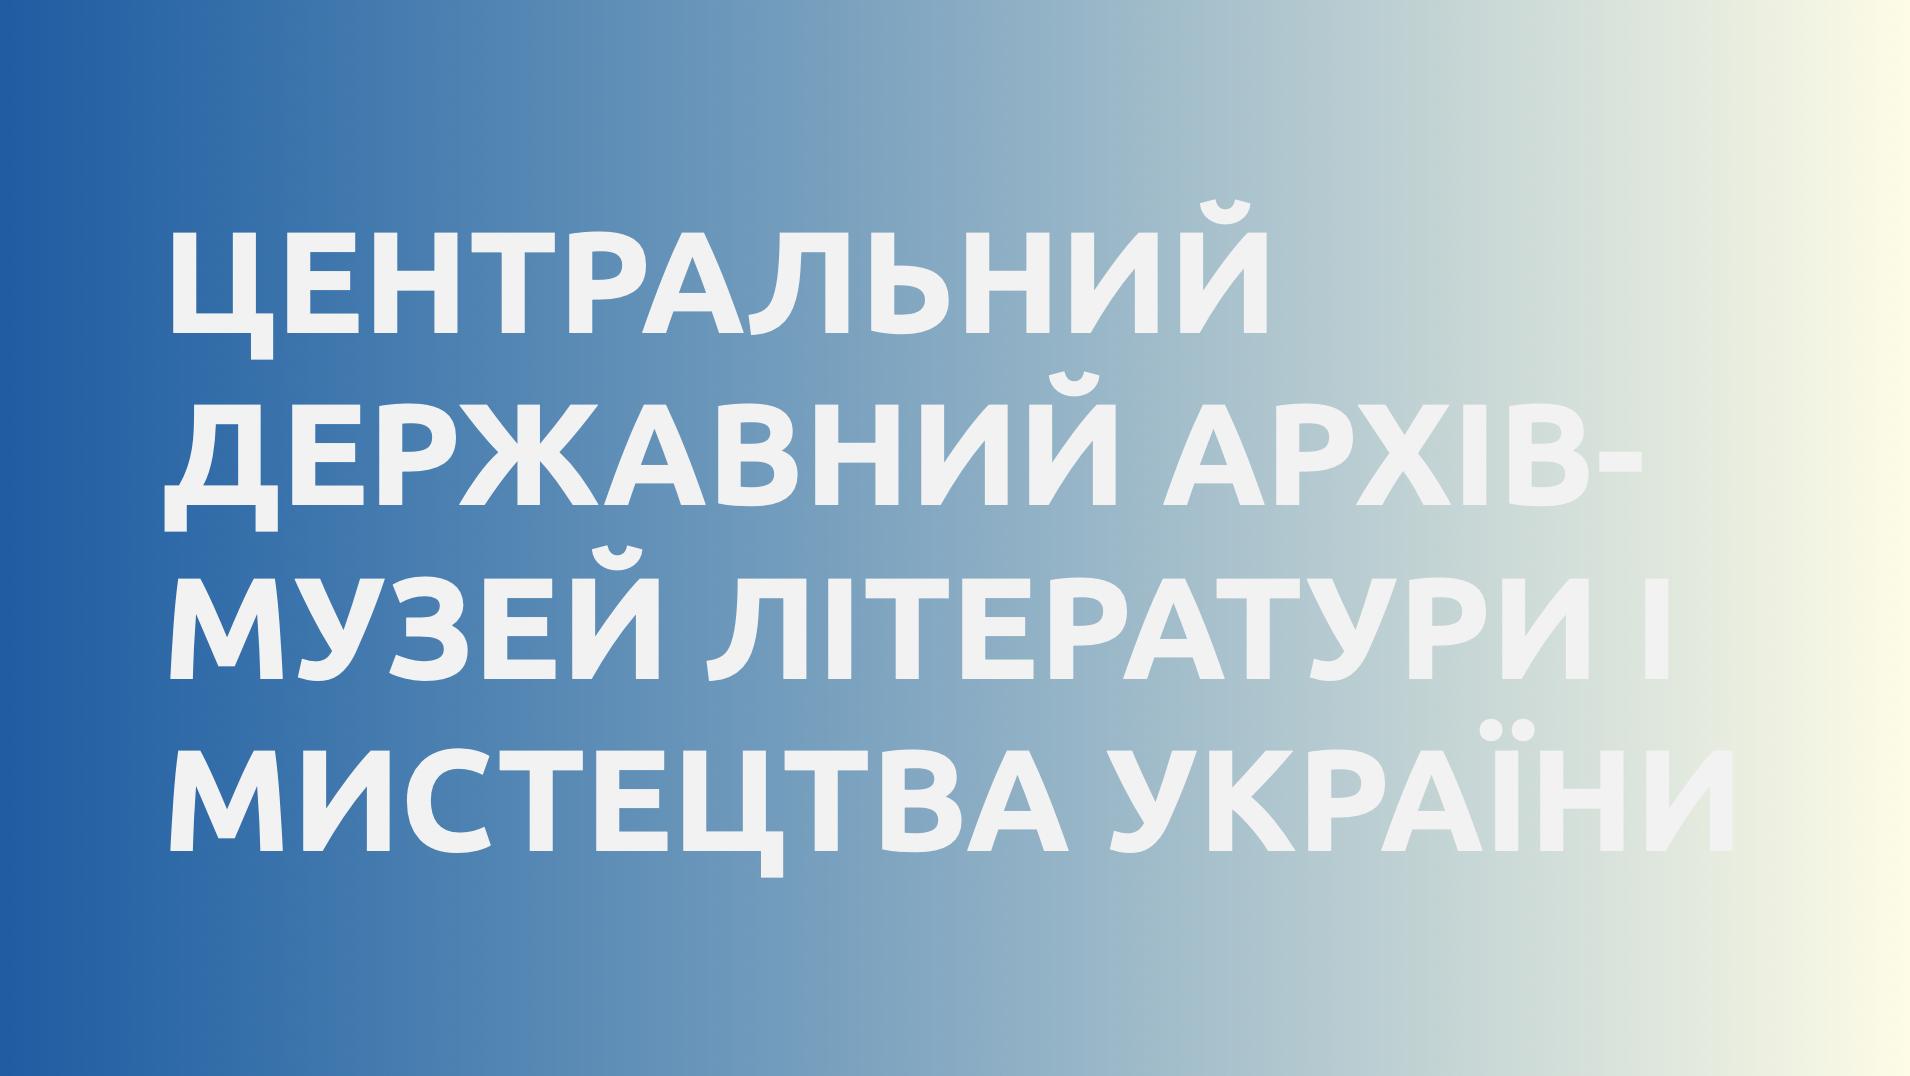 Центральний державний архів-музей літератури і мистецтва України